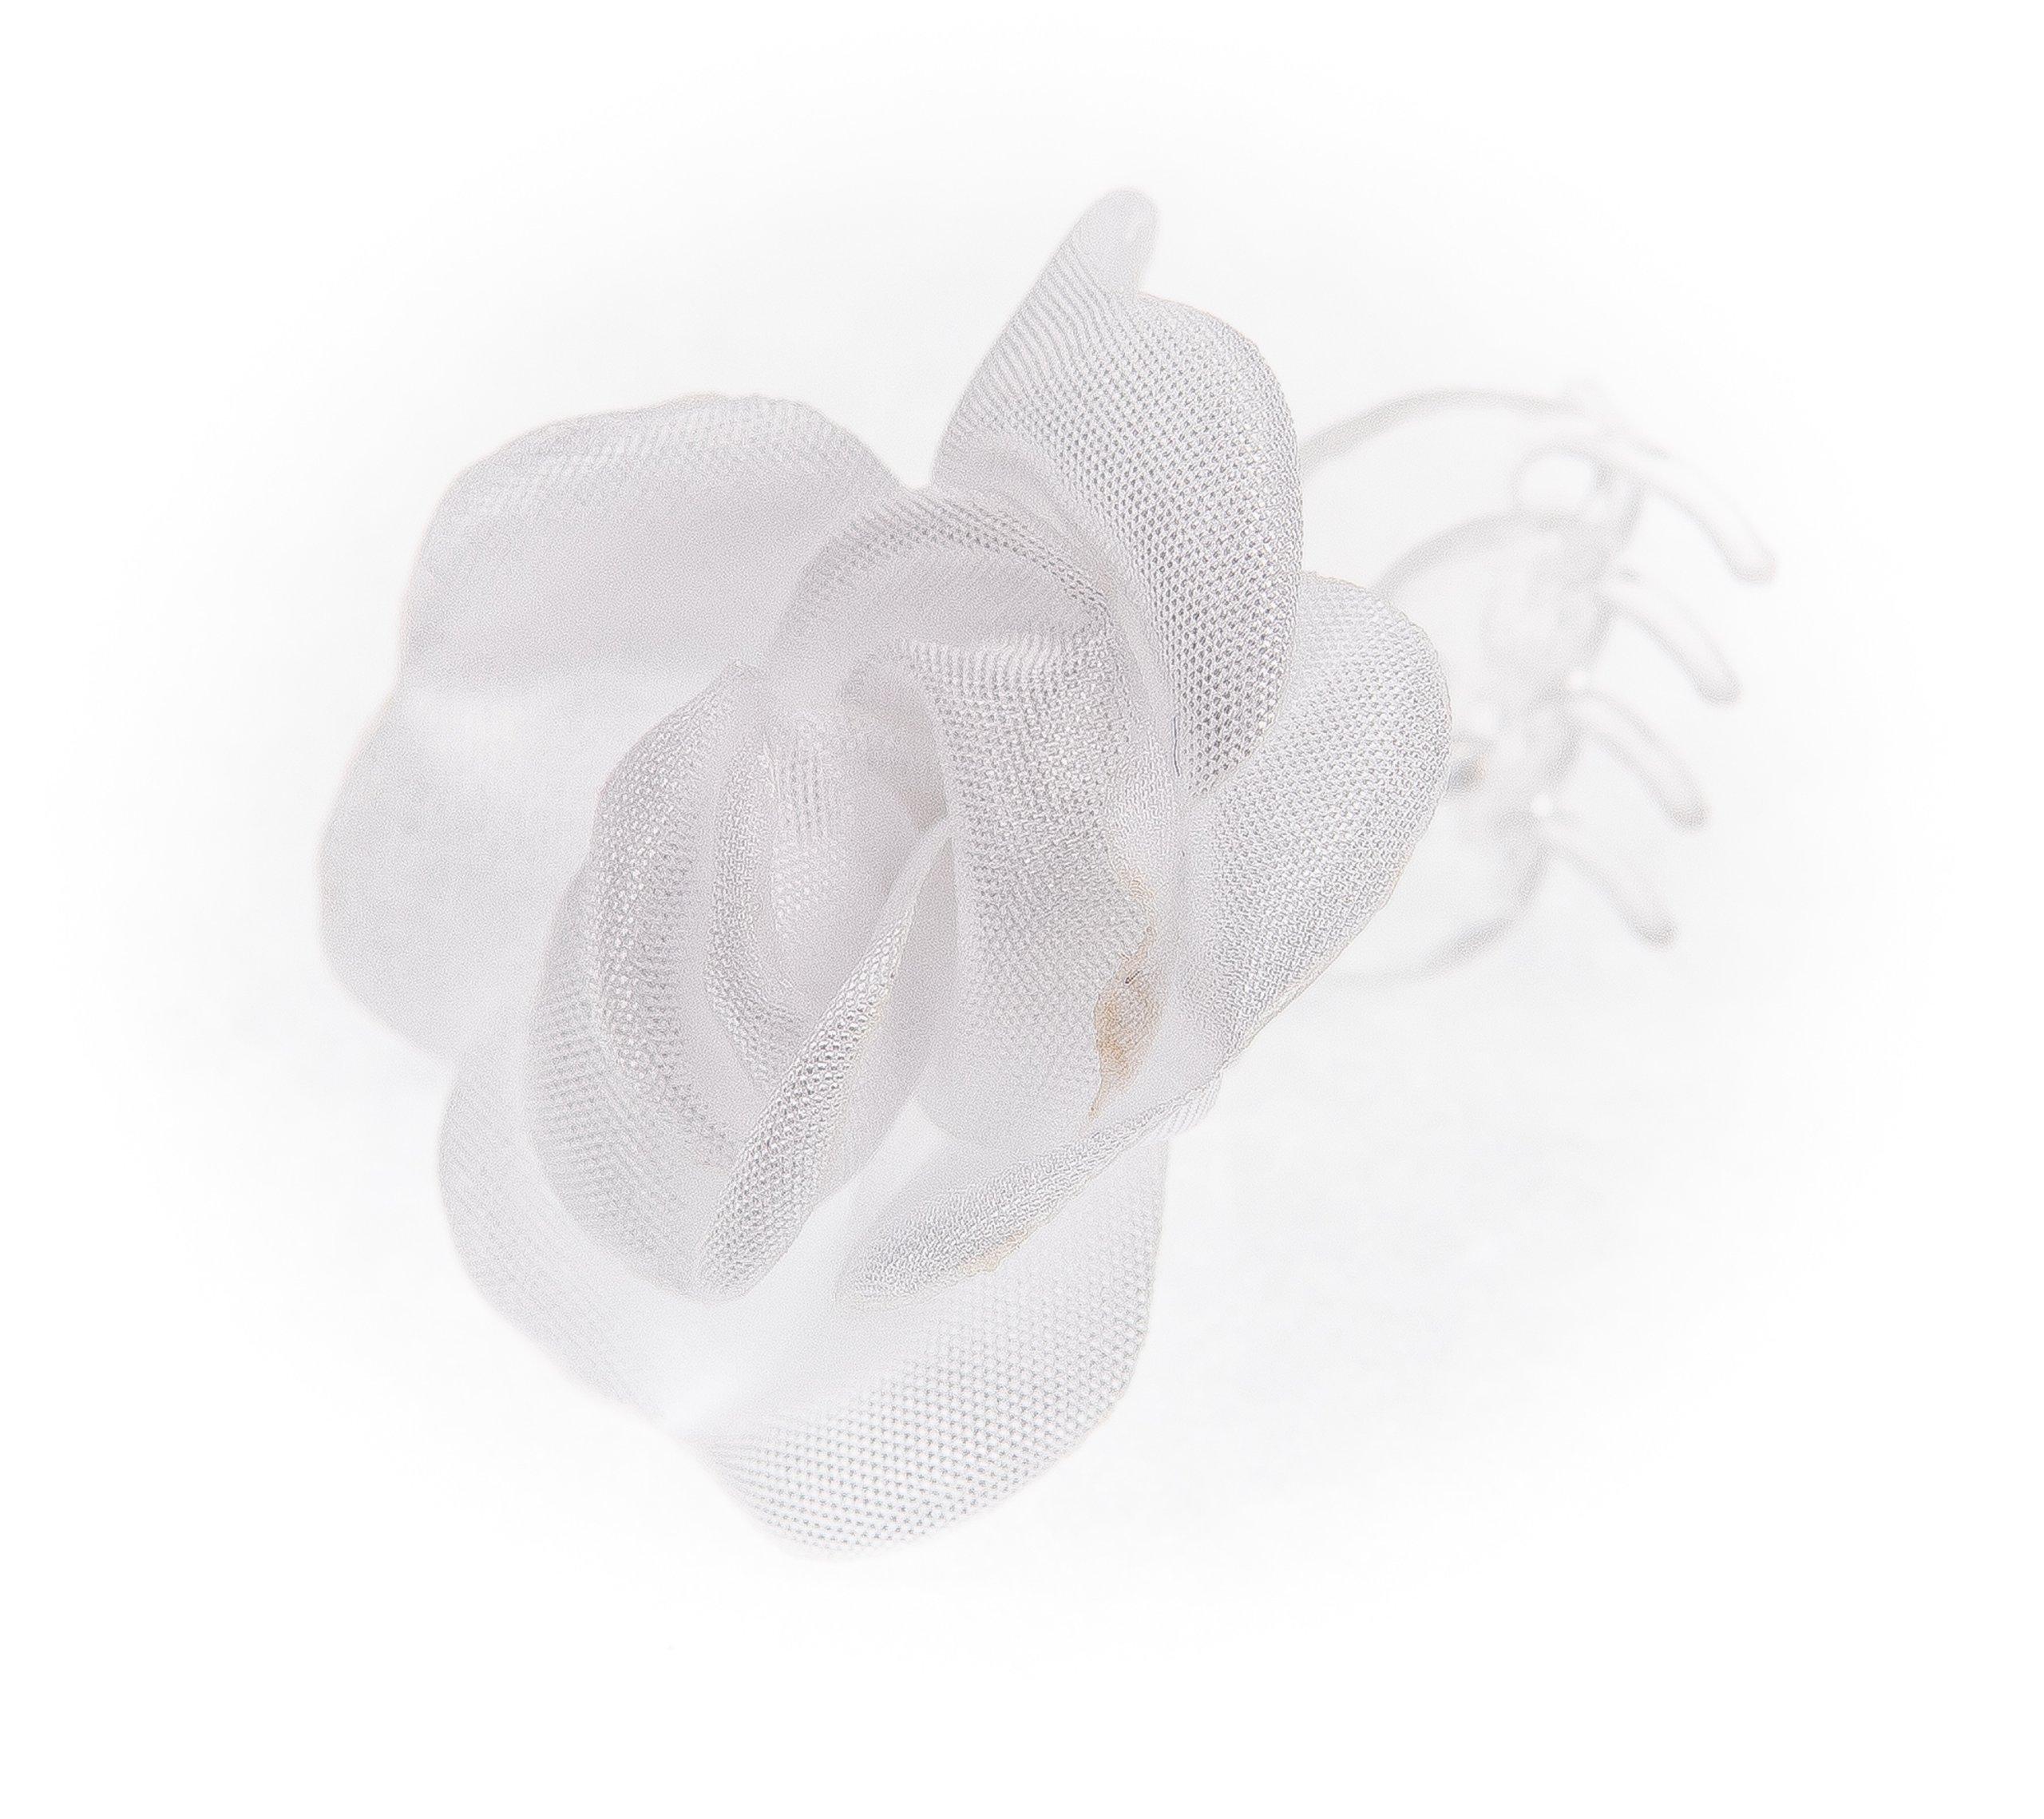 Spinka przypinka komunijna komunia kwiatek WP-08